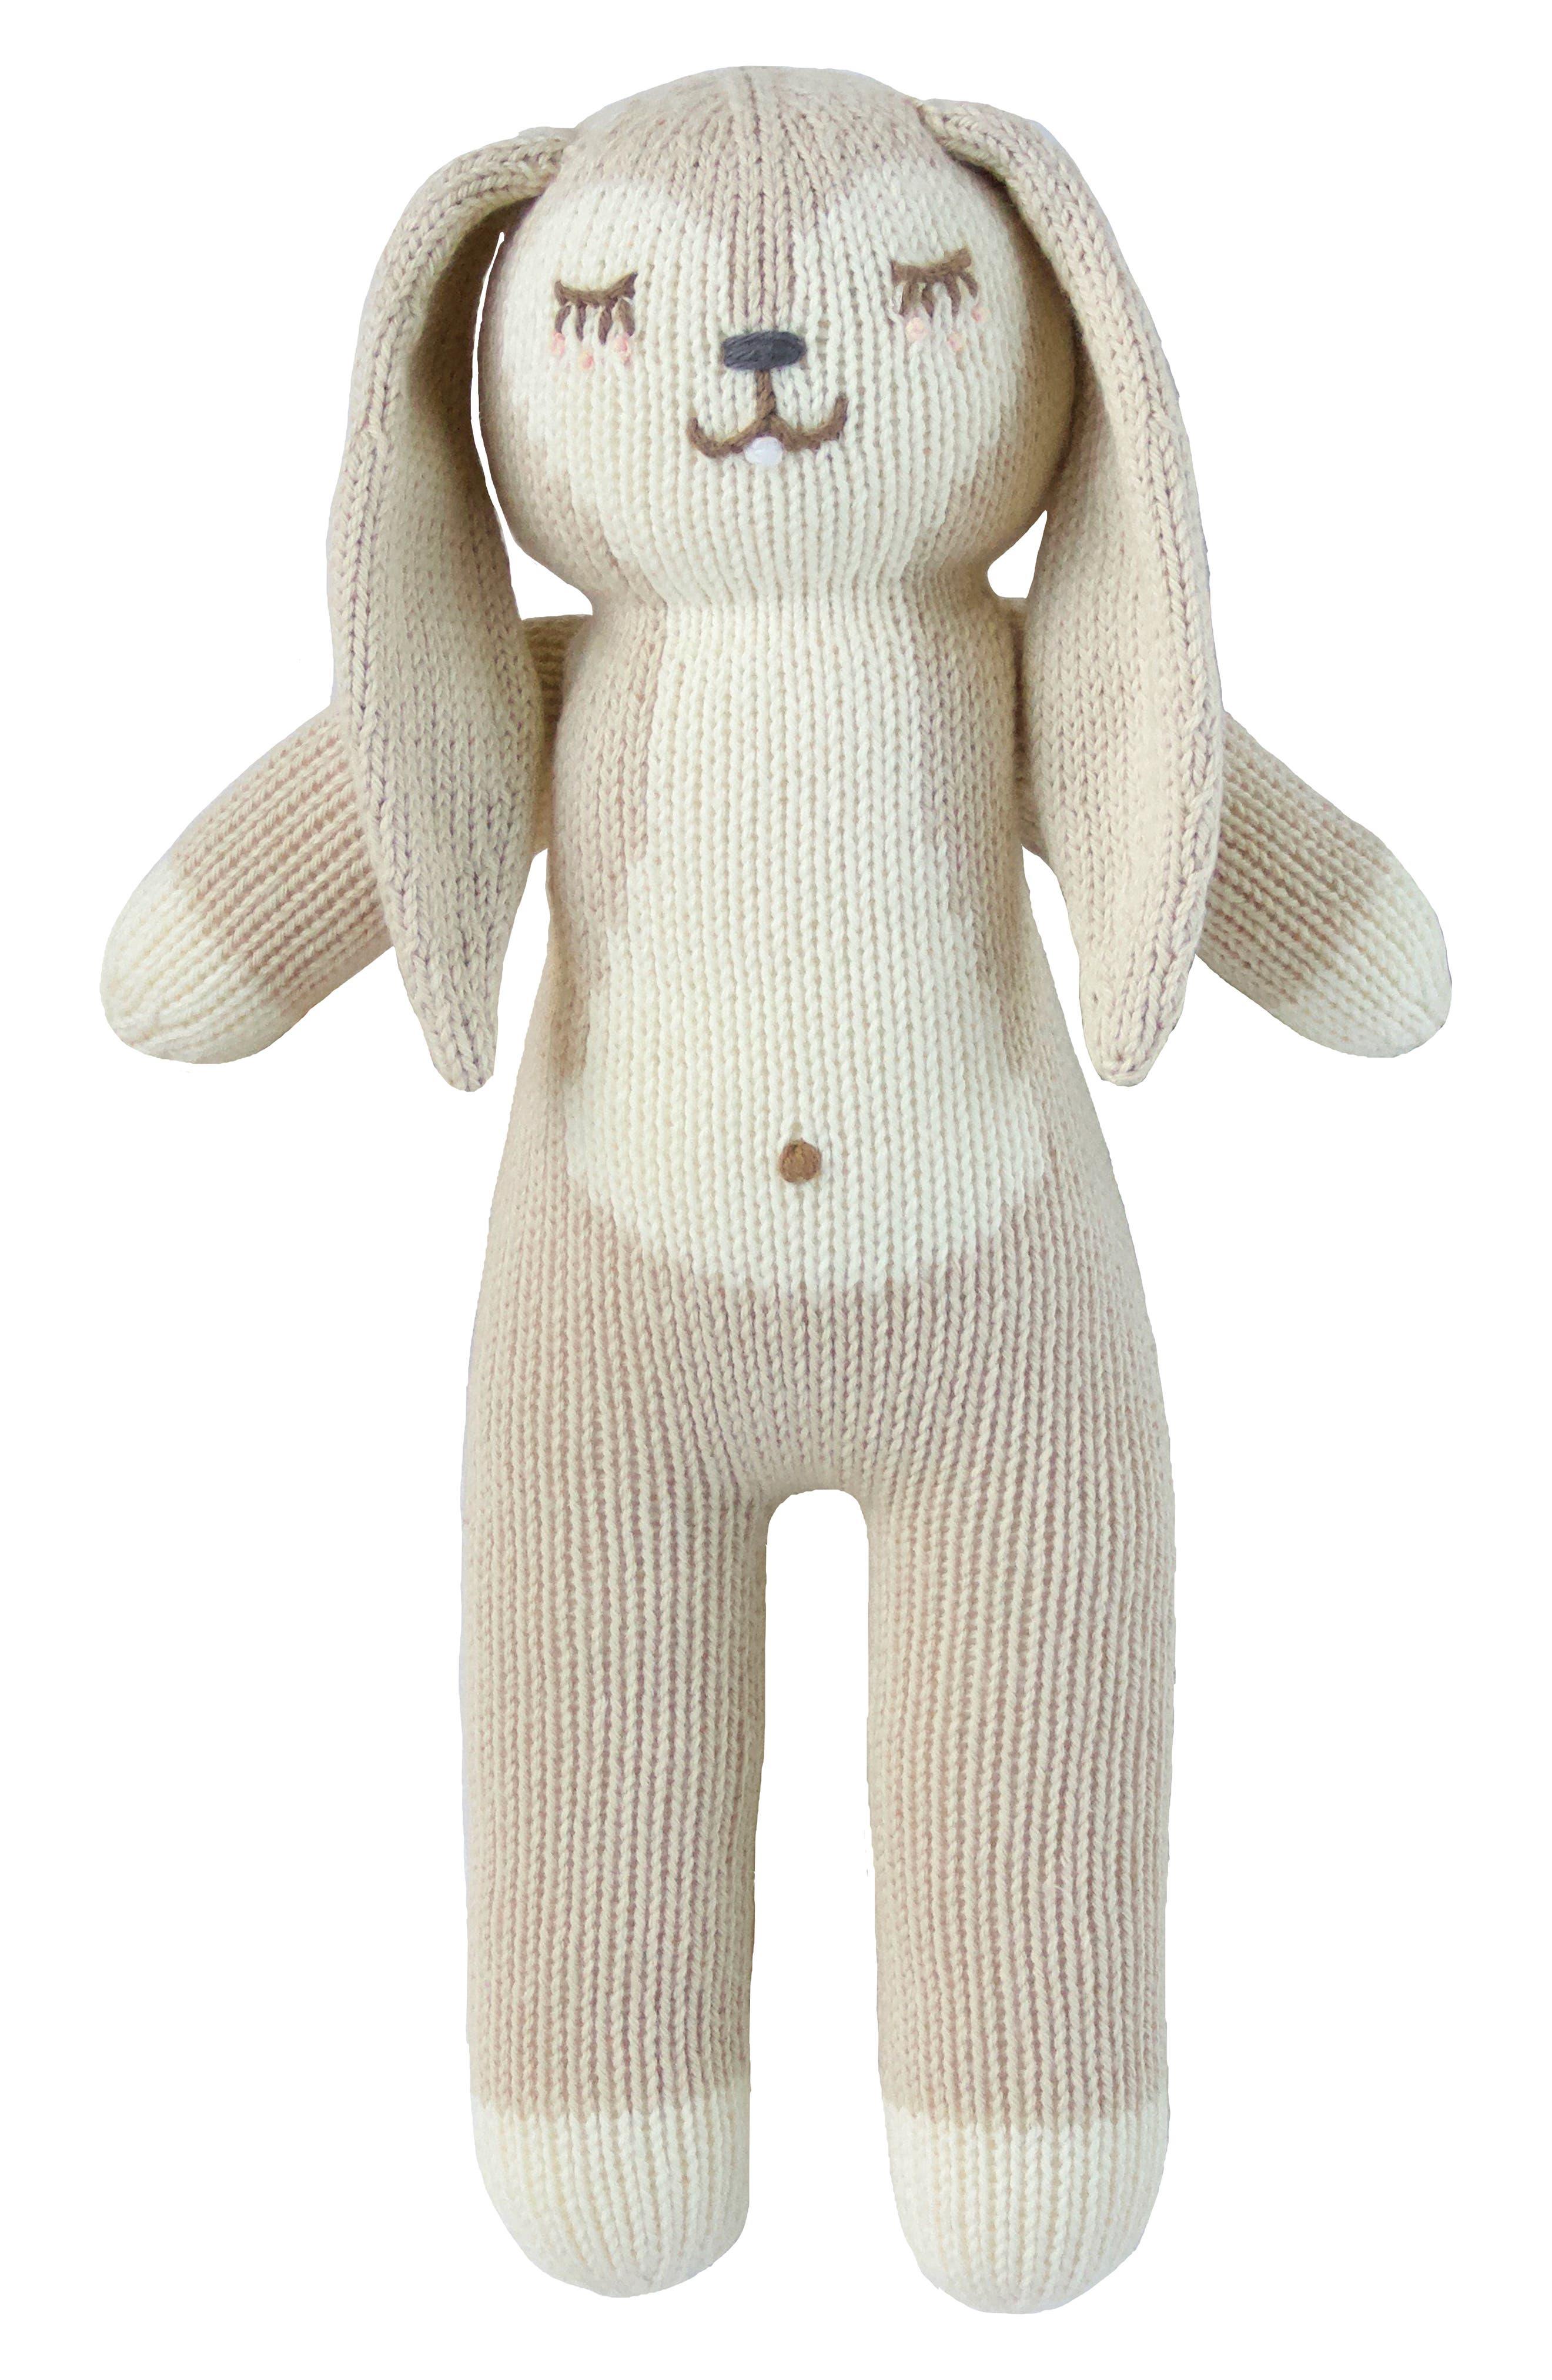 Blabla Mini Honey The Bunny Hand Knit Doll